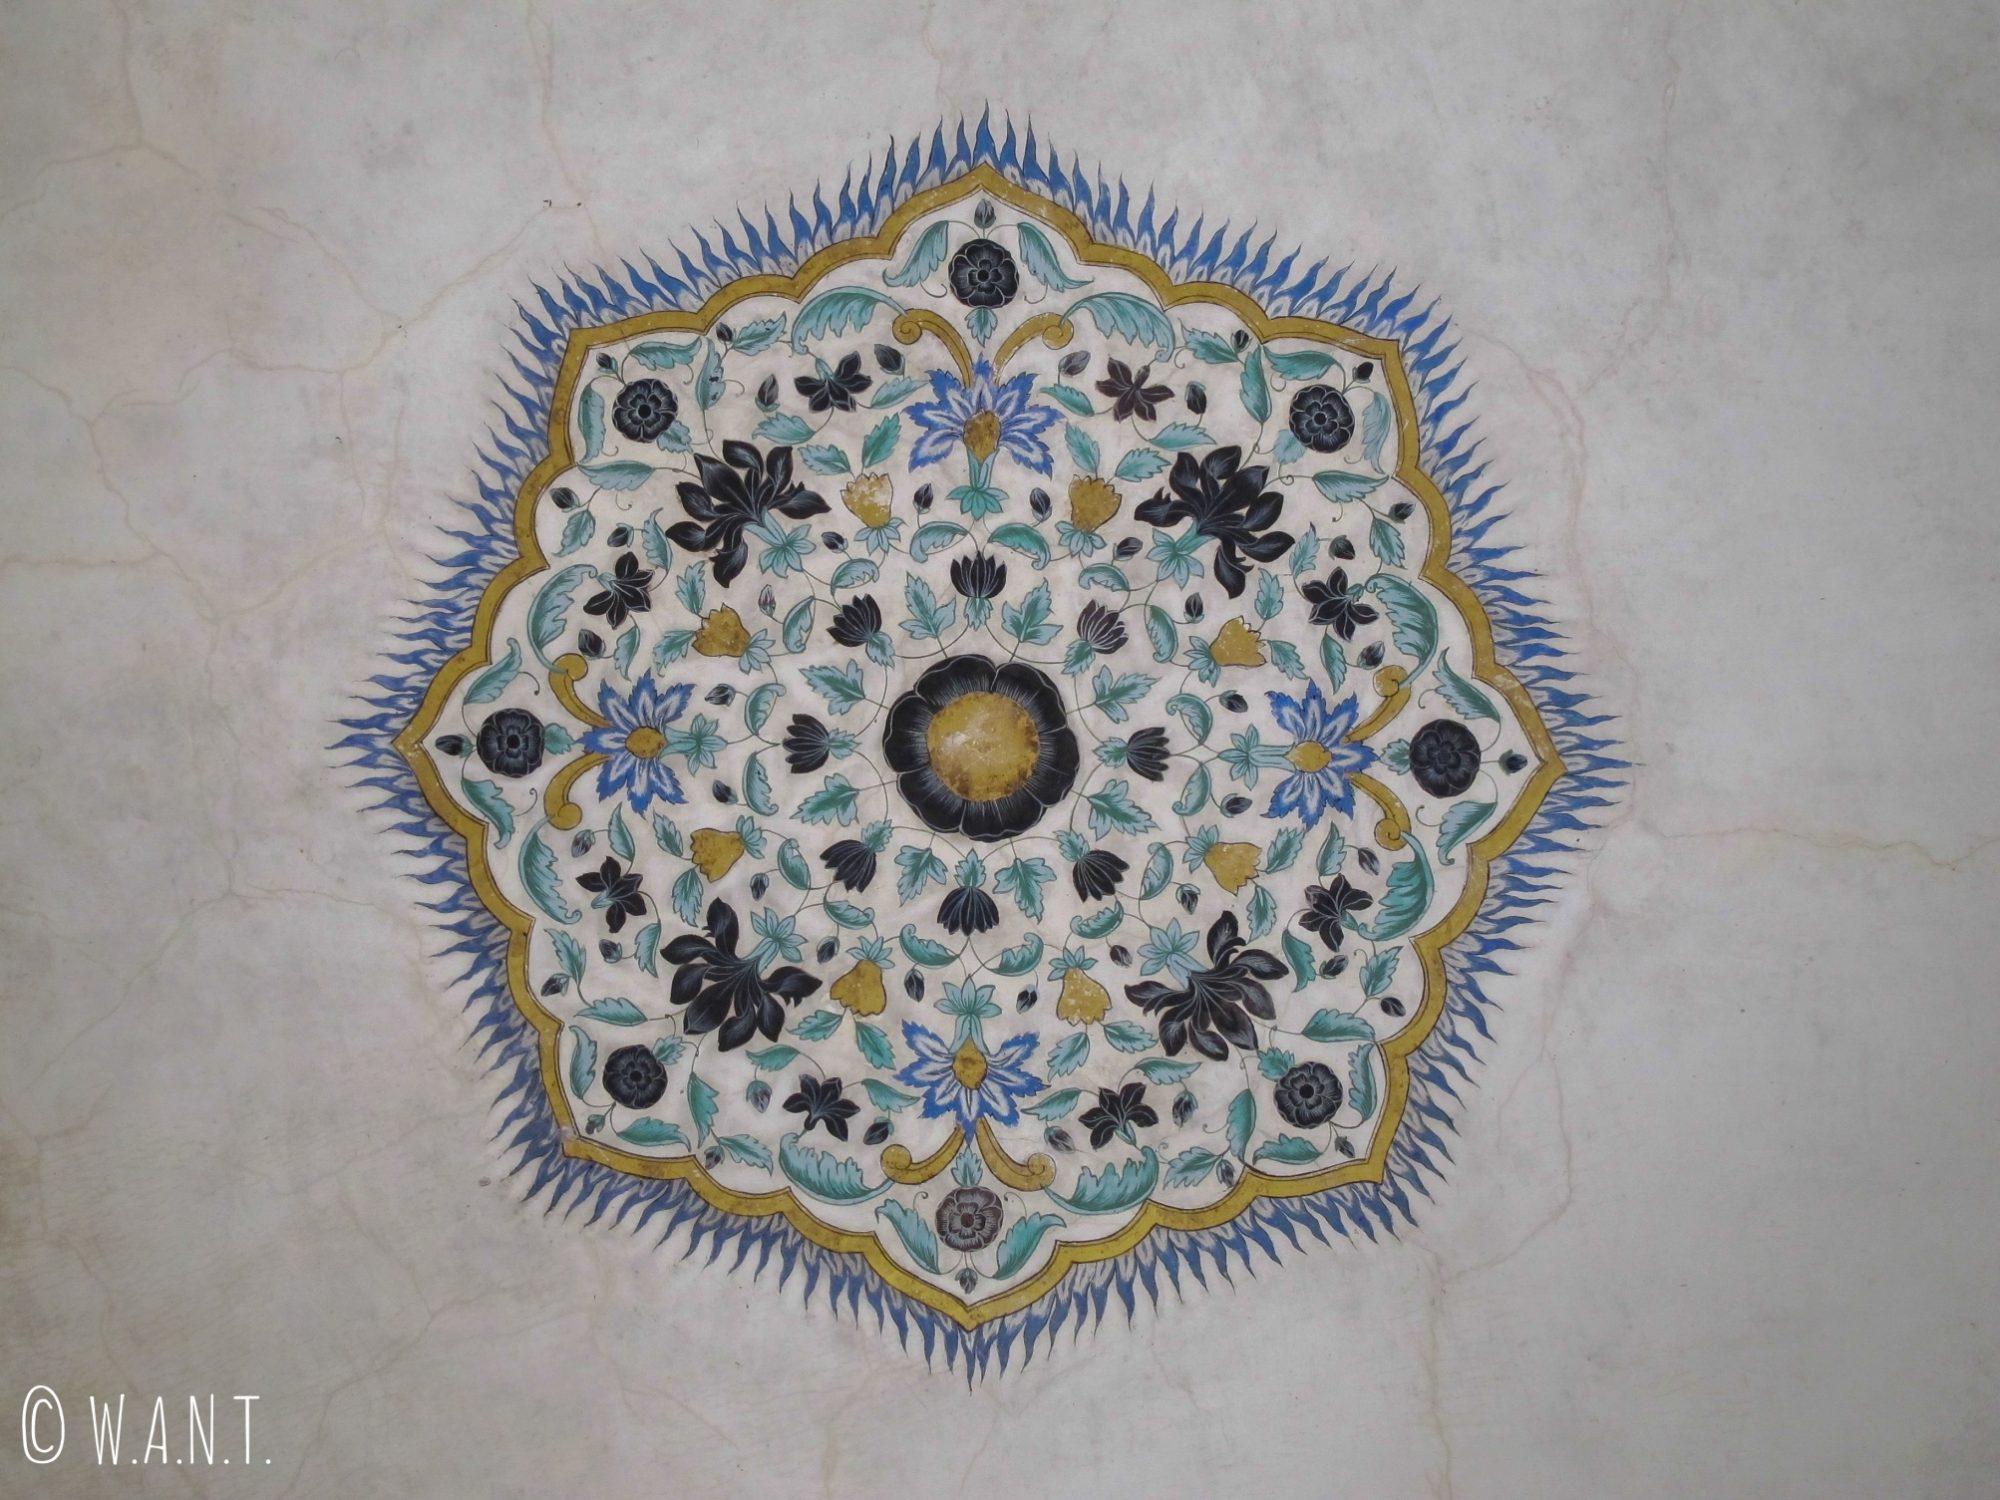 Le marbre est orné de décorations peintes au plafond du Fort d'Amber